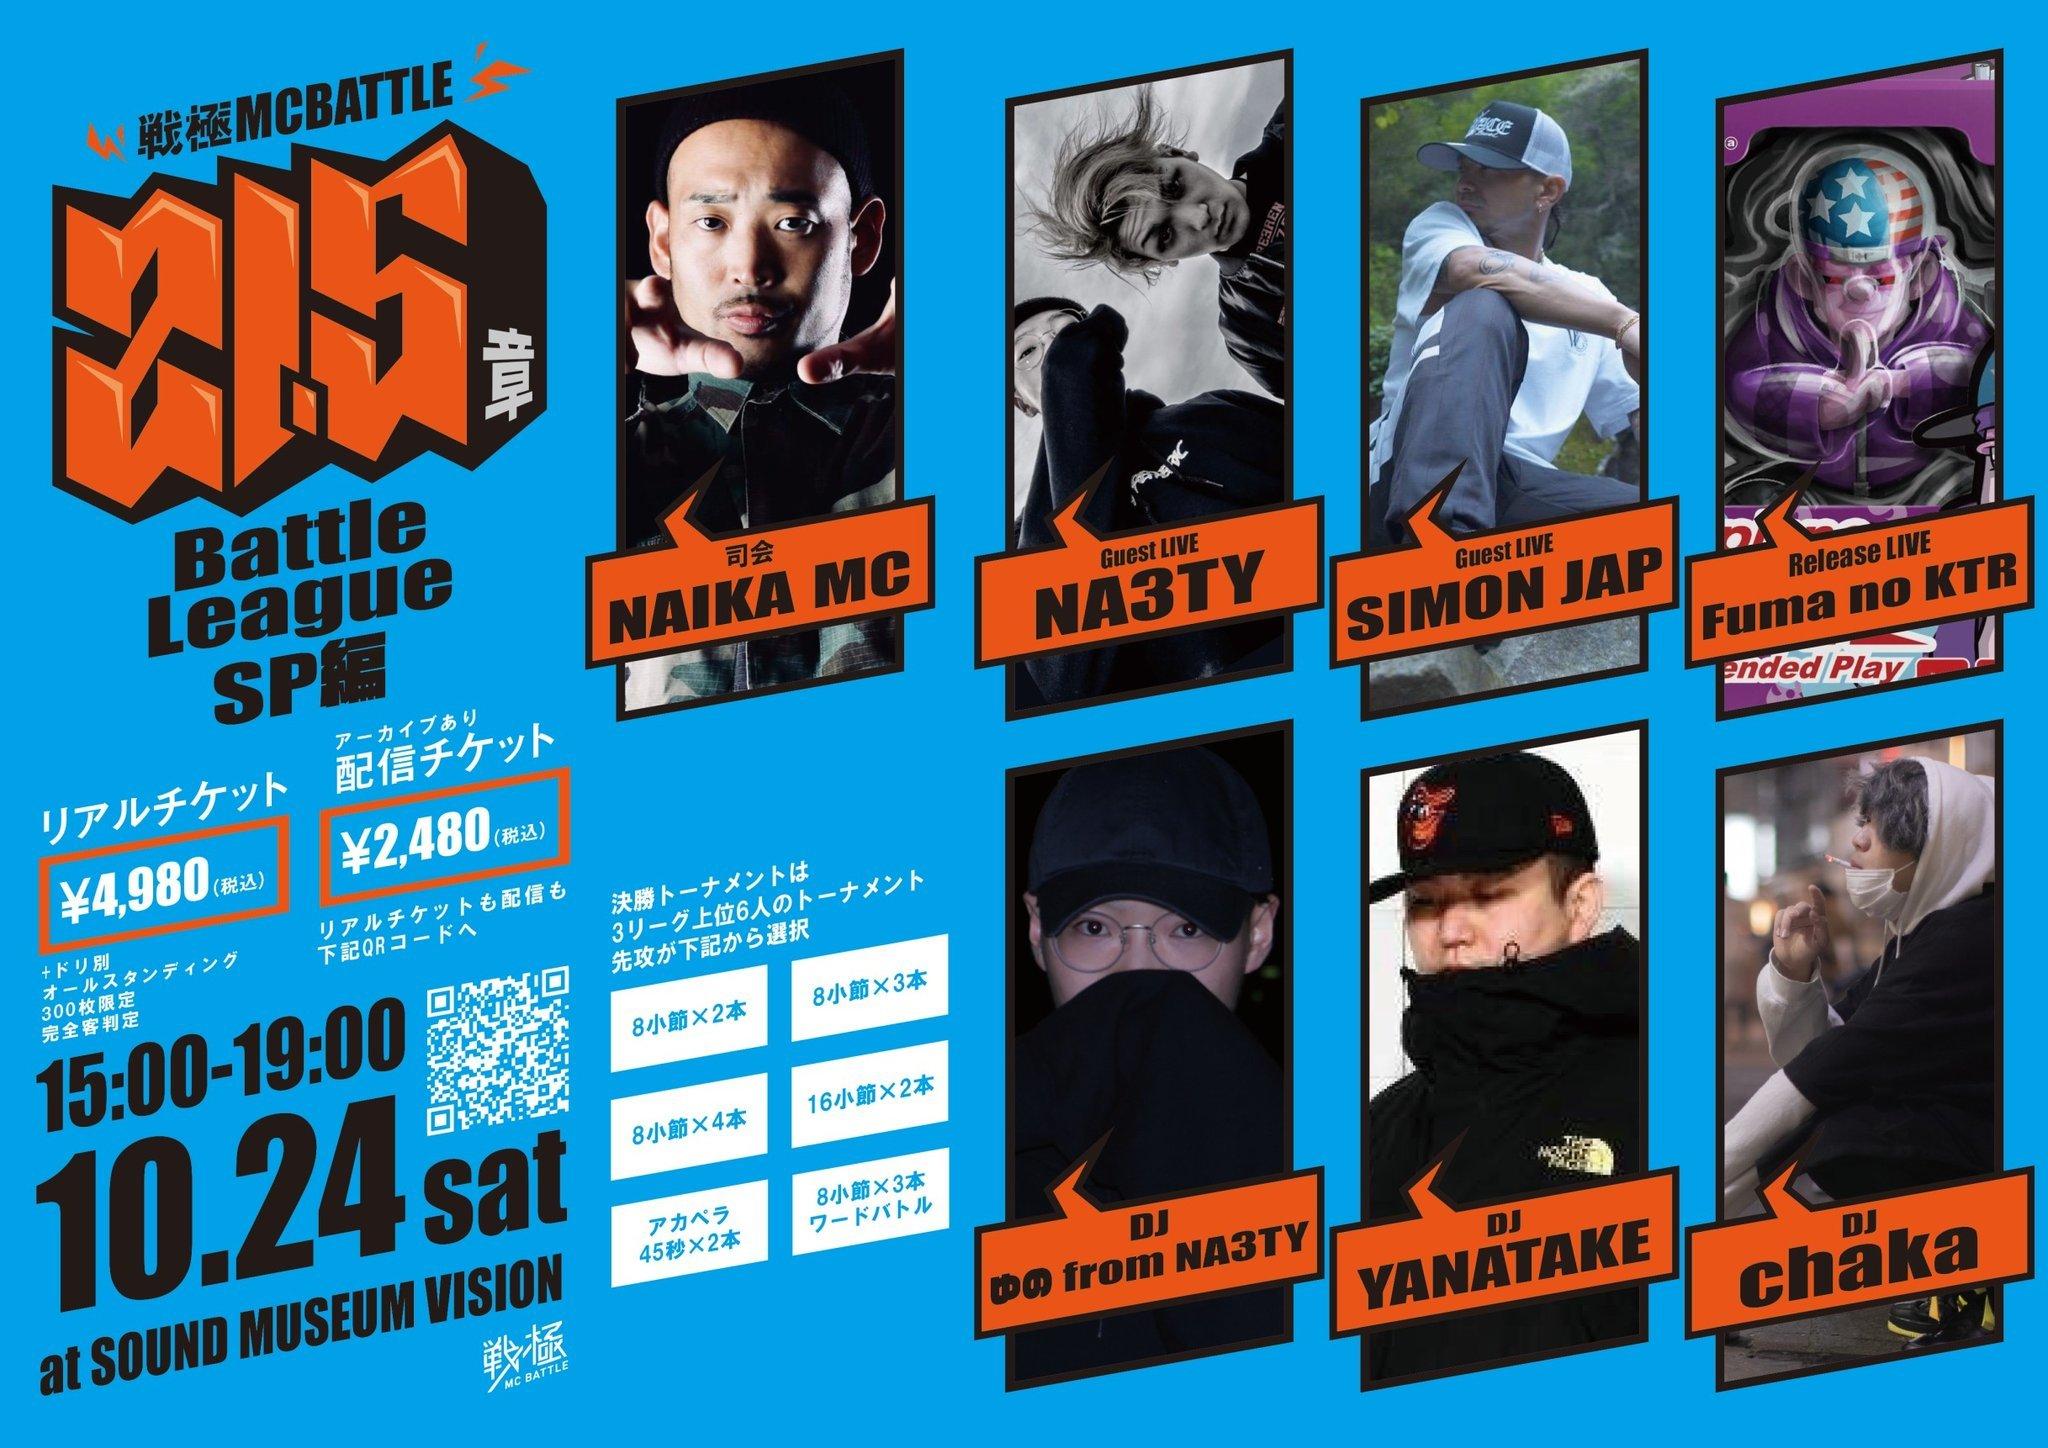 10/24 戦極MCBATTLE第21.5章 Battle League SP編 タイムテーブル公開!当日券もあります!_e0246863_21051587.jpg